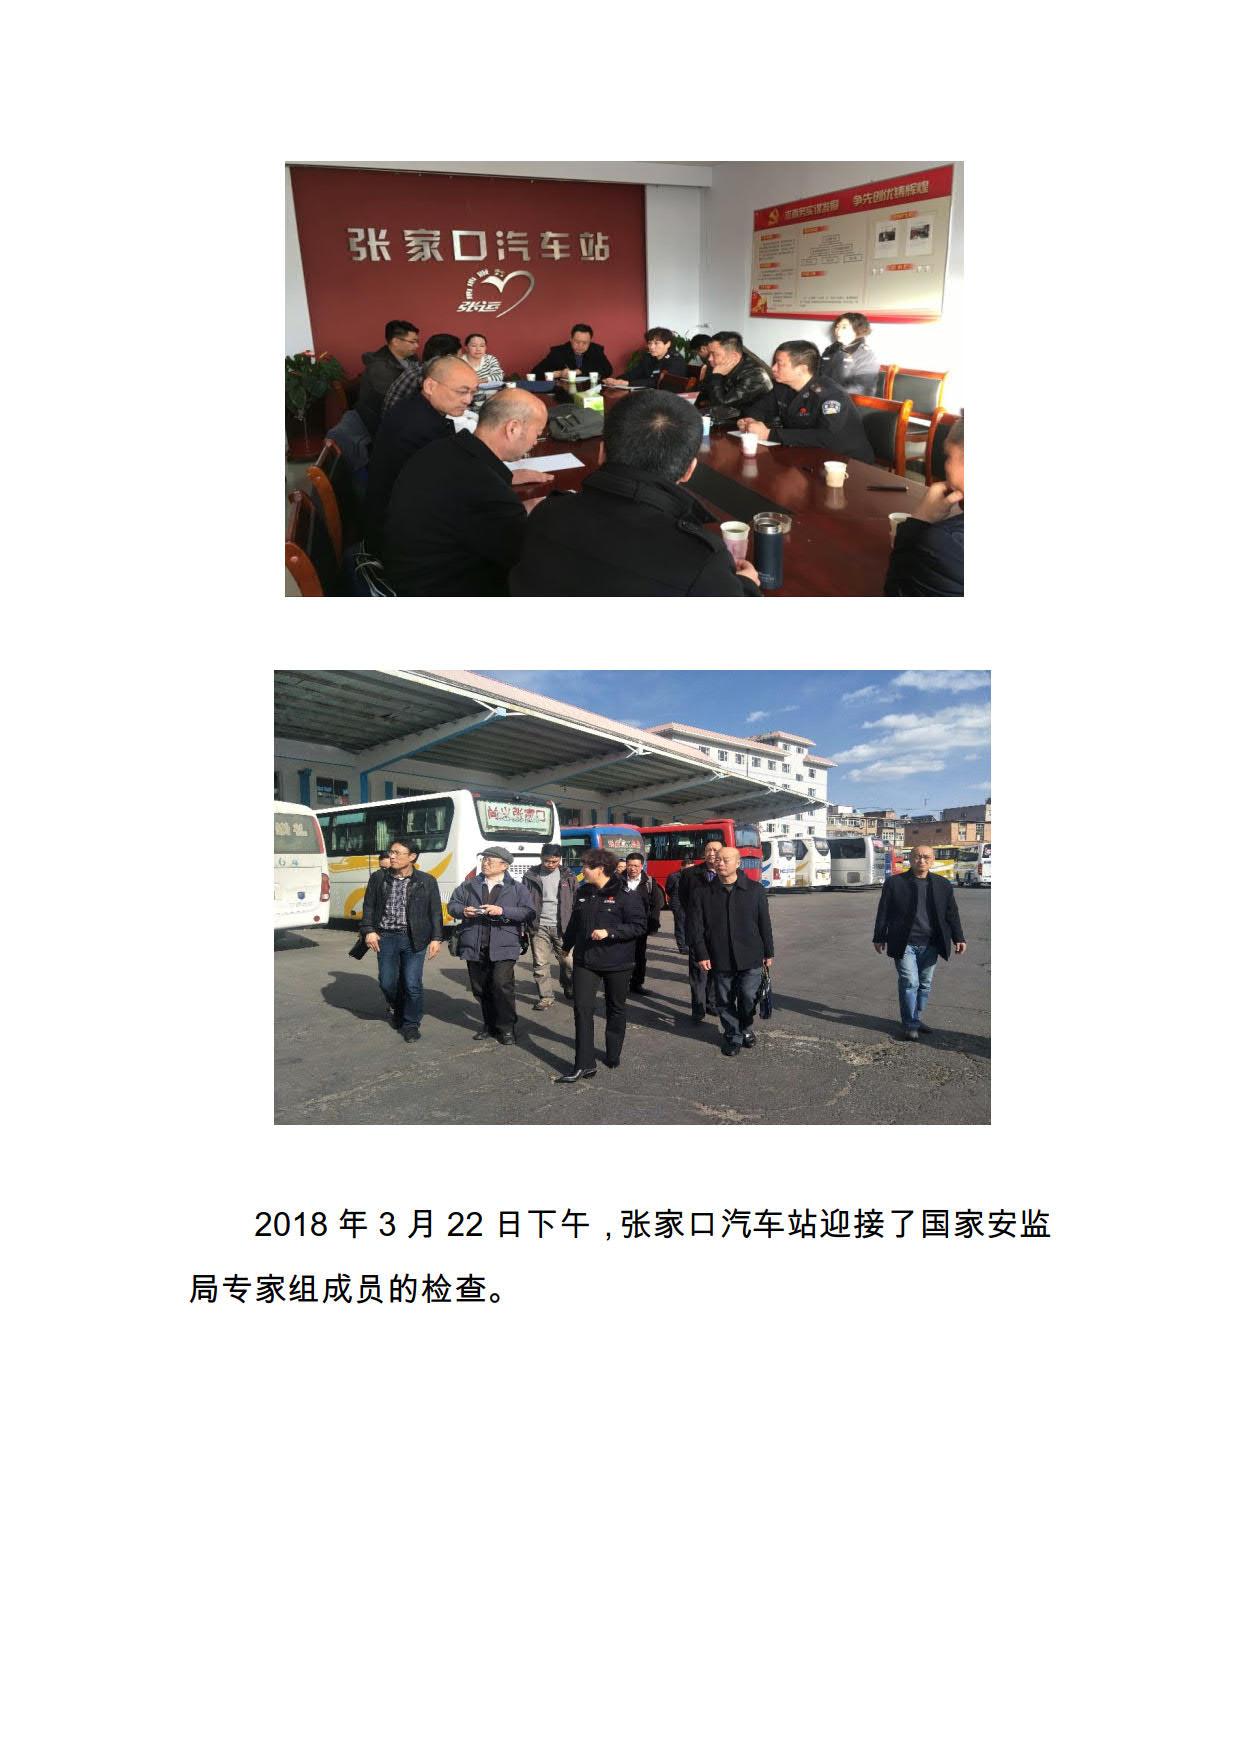 国家安监局专家组成员到车站检查指导工作3-22_1.jpg